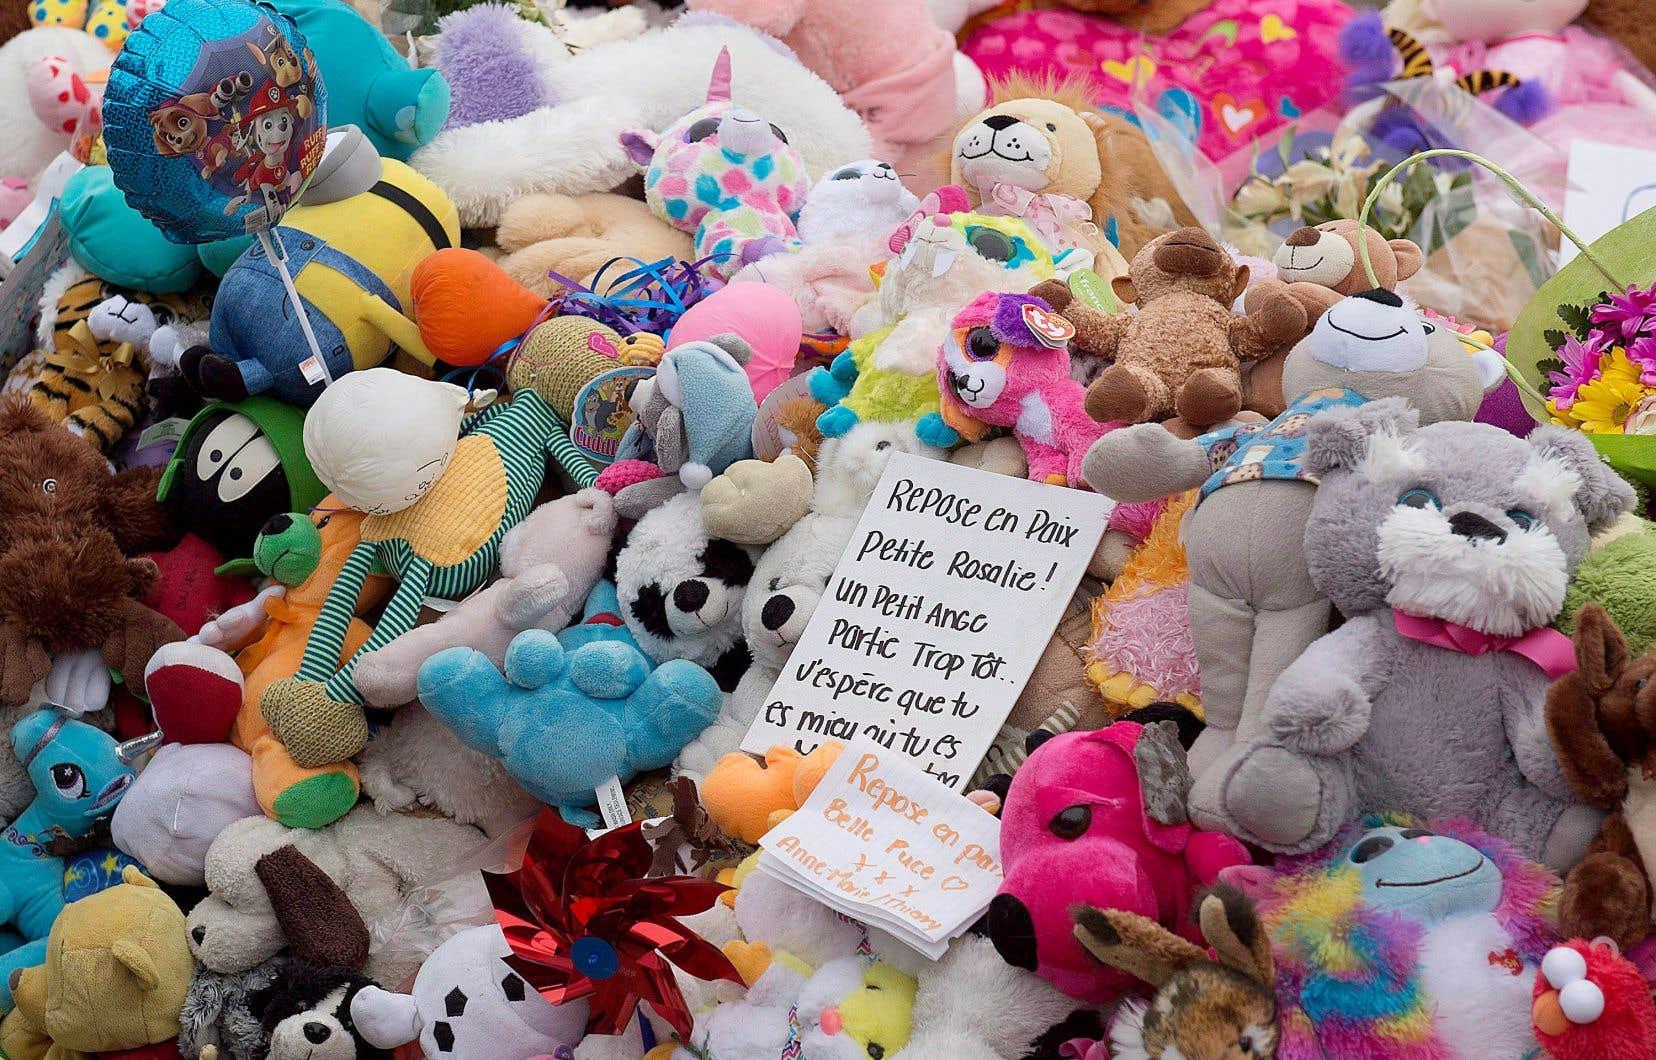 Des animaux en peluche et des messages de soutien ont été rassemblée lors d'une cérémonie en avril 2018 à la mémoire de la petite Rosalie Gagnon, tuée par sa mère.